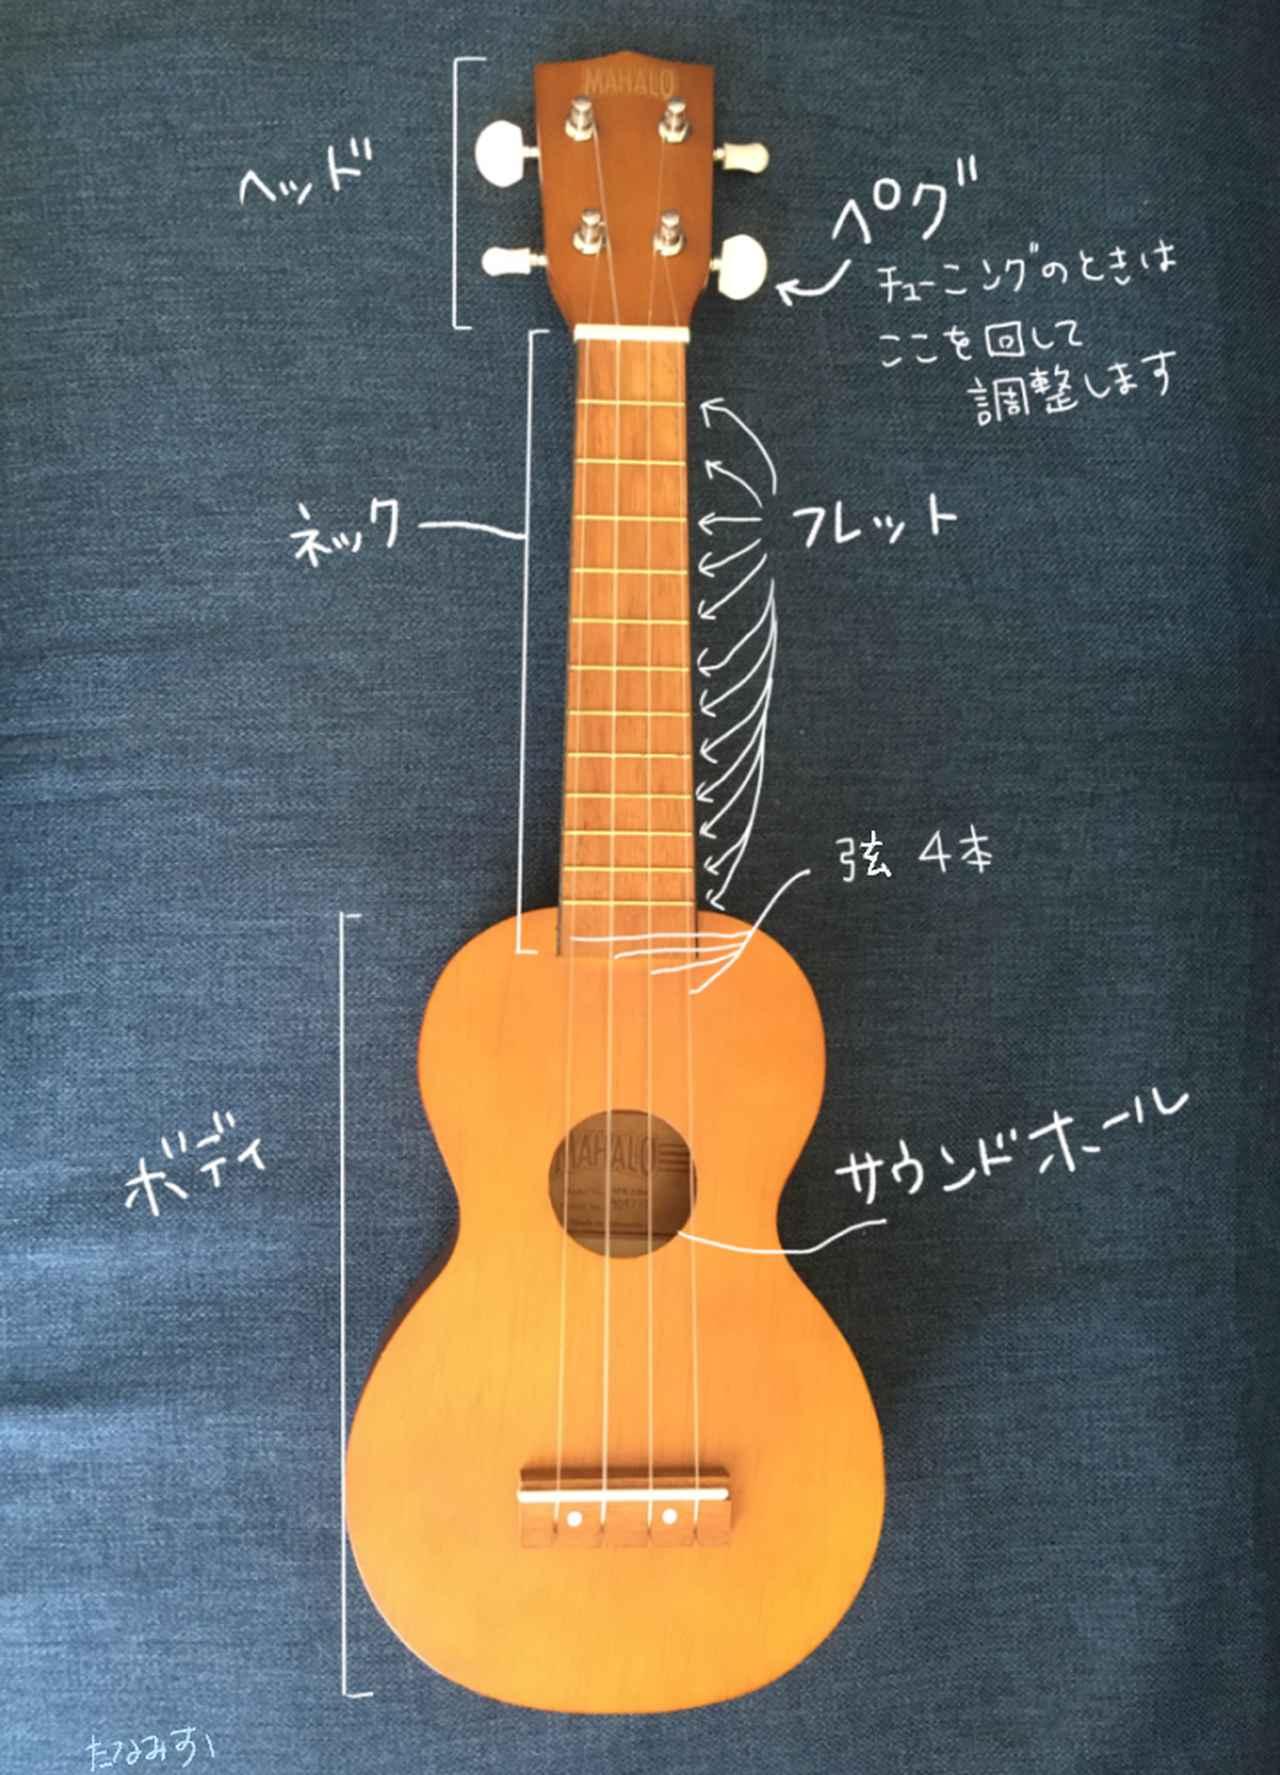 画像2: 【初心者にウクレレがおすすめな理由】安い・軽い・簡単の3拍子で楽器初心者にぴったり! おうち時間に練習して弾けるようになる